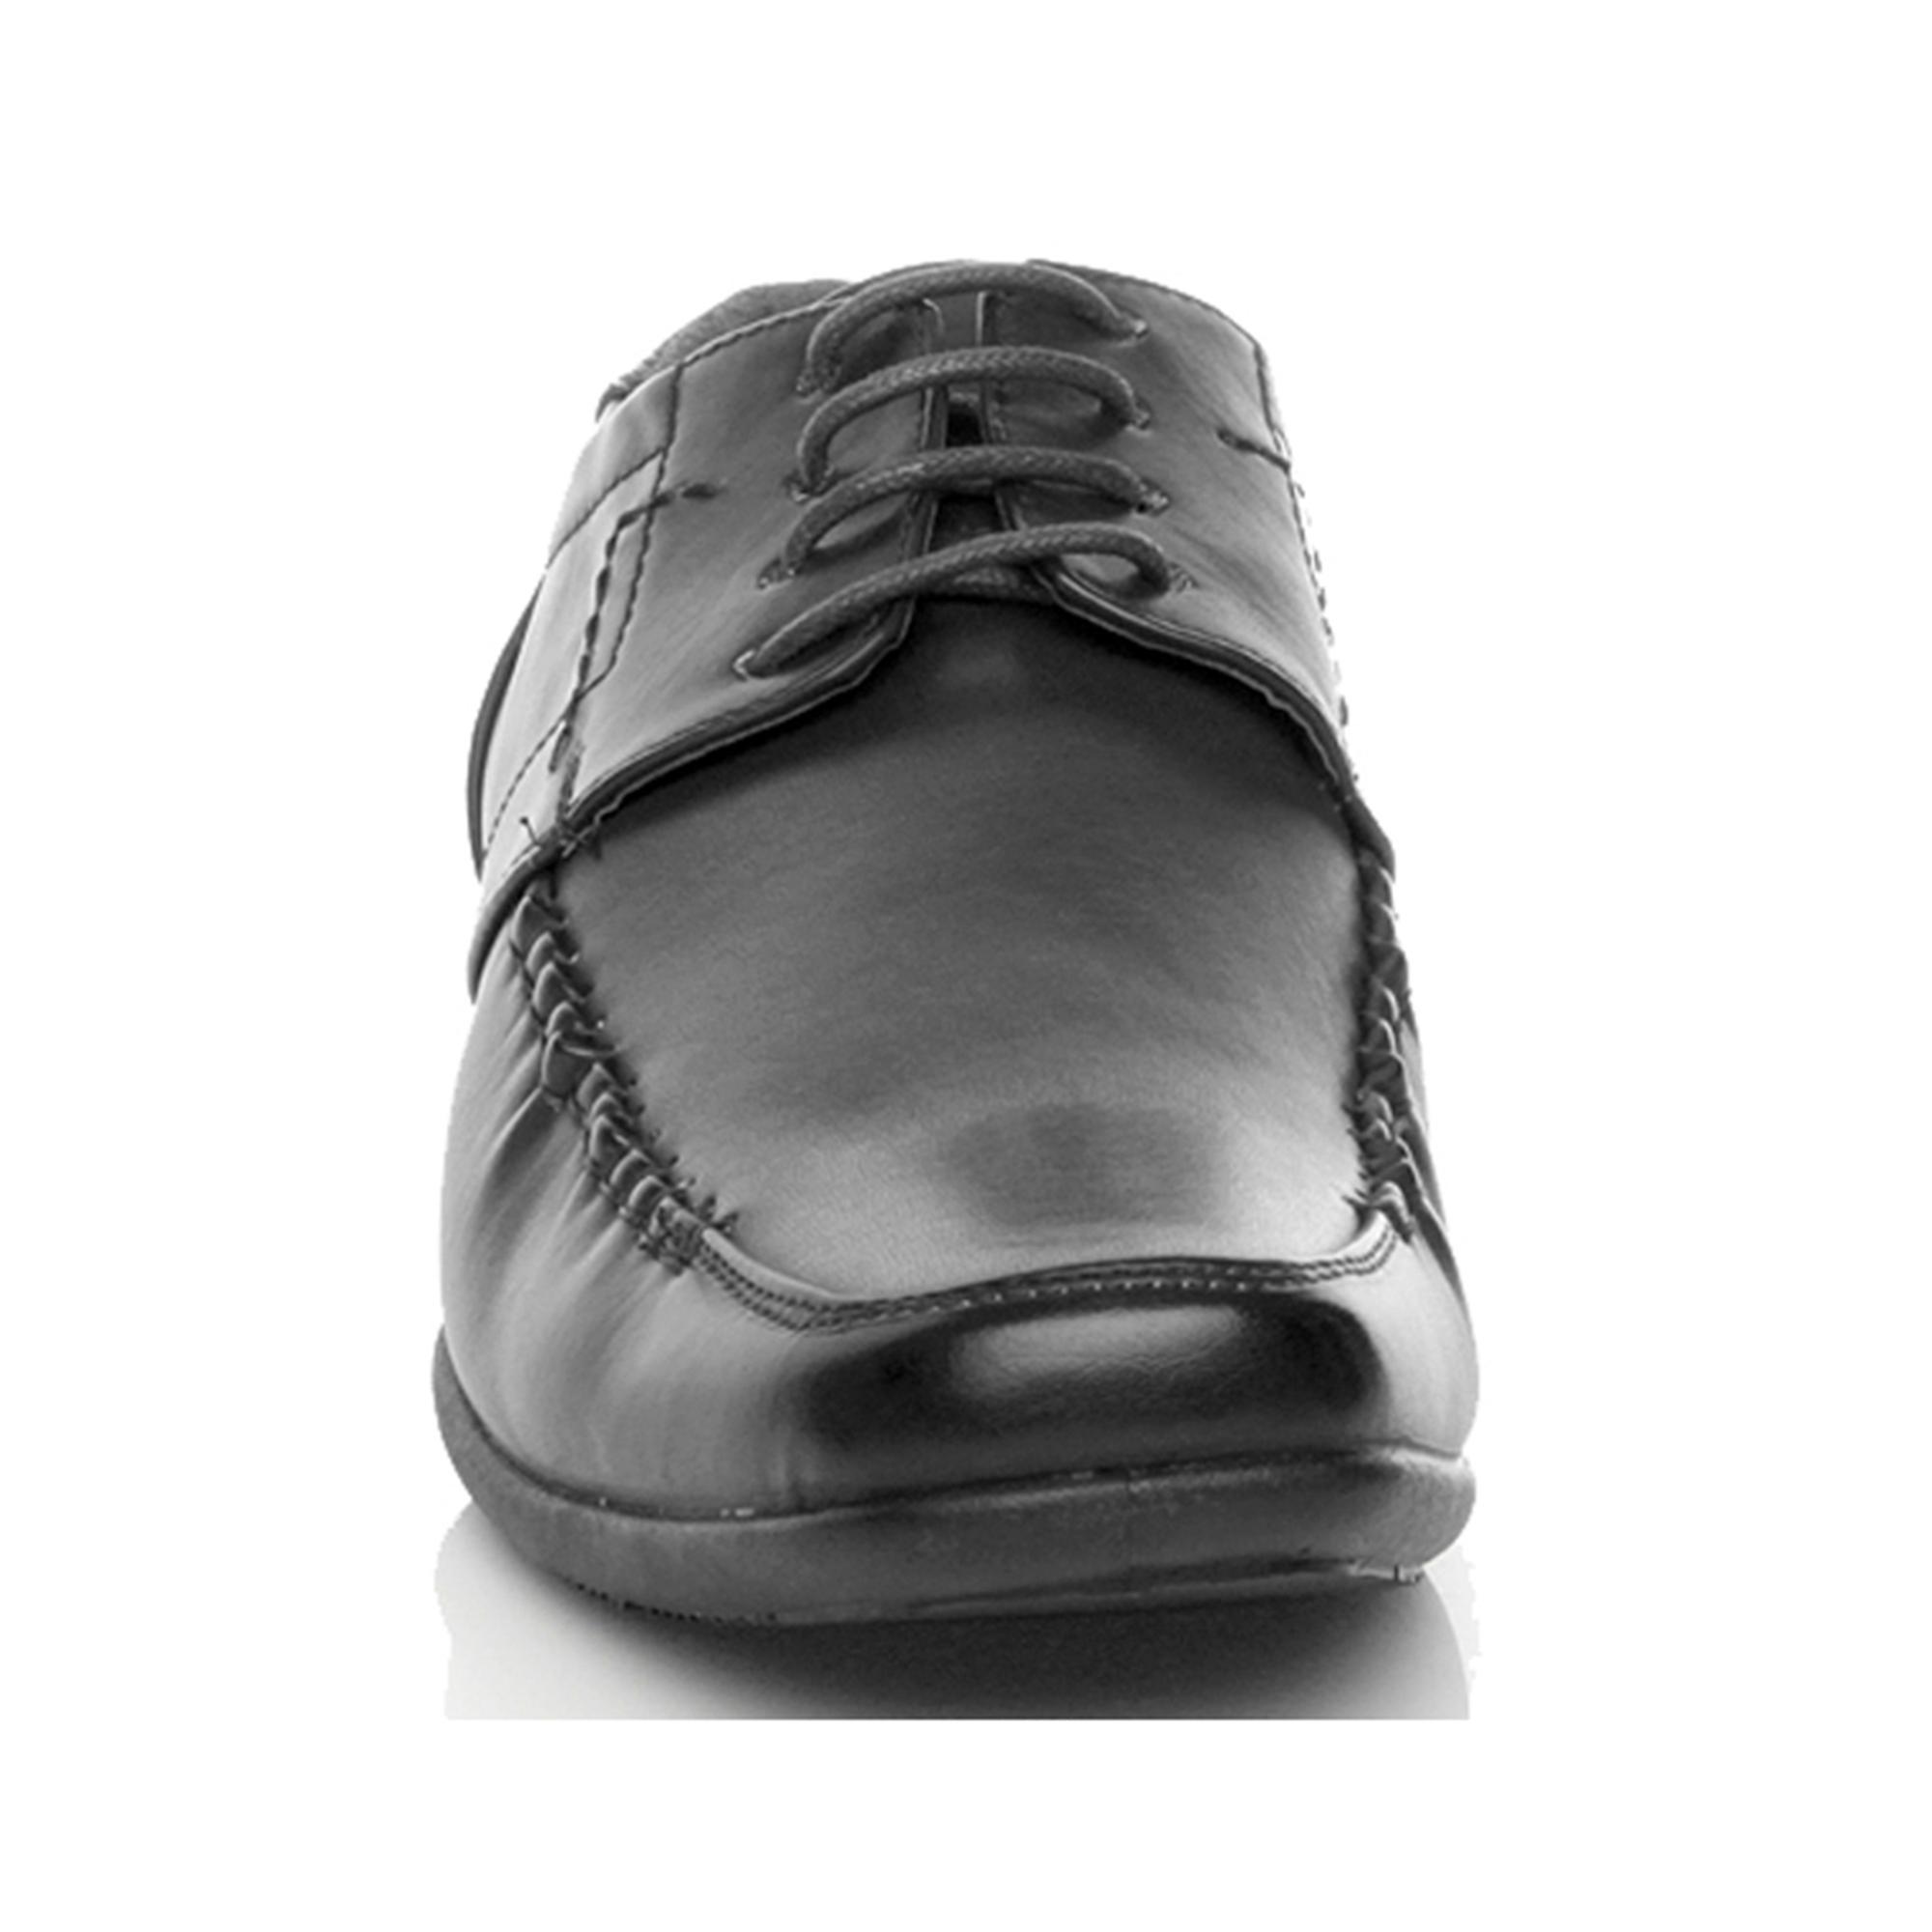 Ajvani mens bas talon orteil carré flexible formelle lacets chaussures de travail intelligent mariage école - Remise particulière